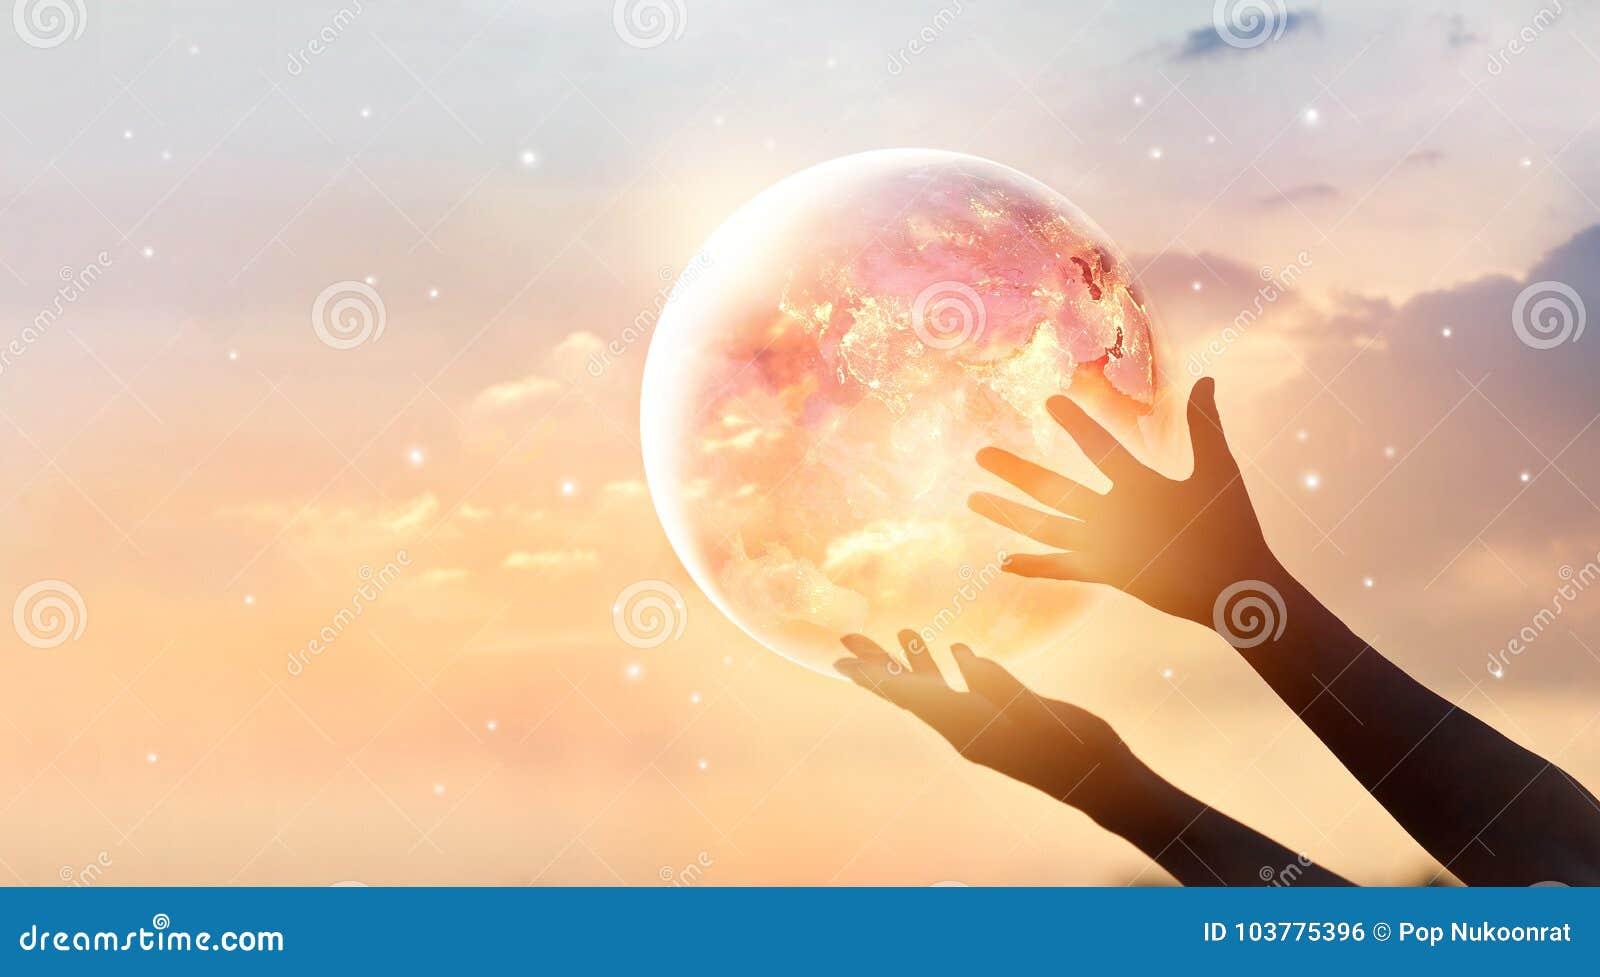 Salvar a campanha das energias mundiais Terra do planeta na mostra humana das mãos